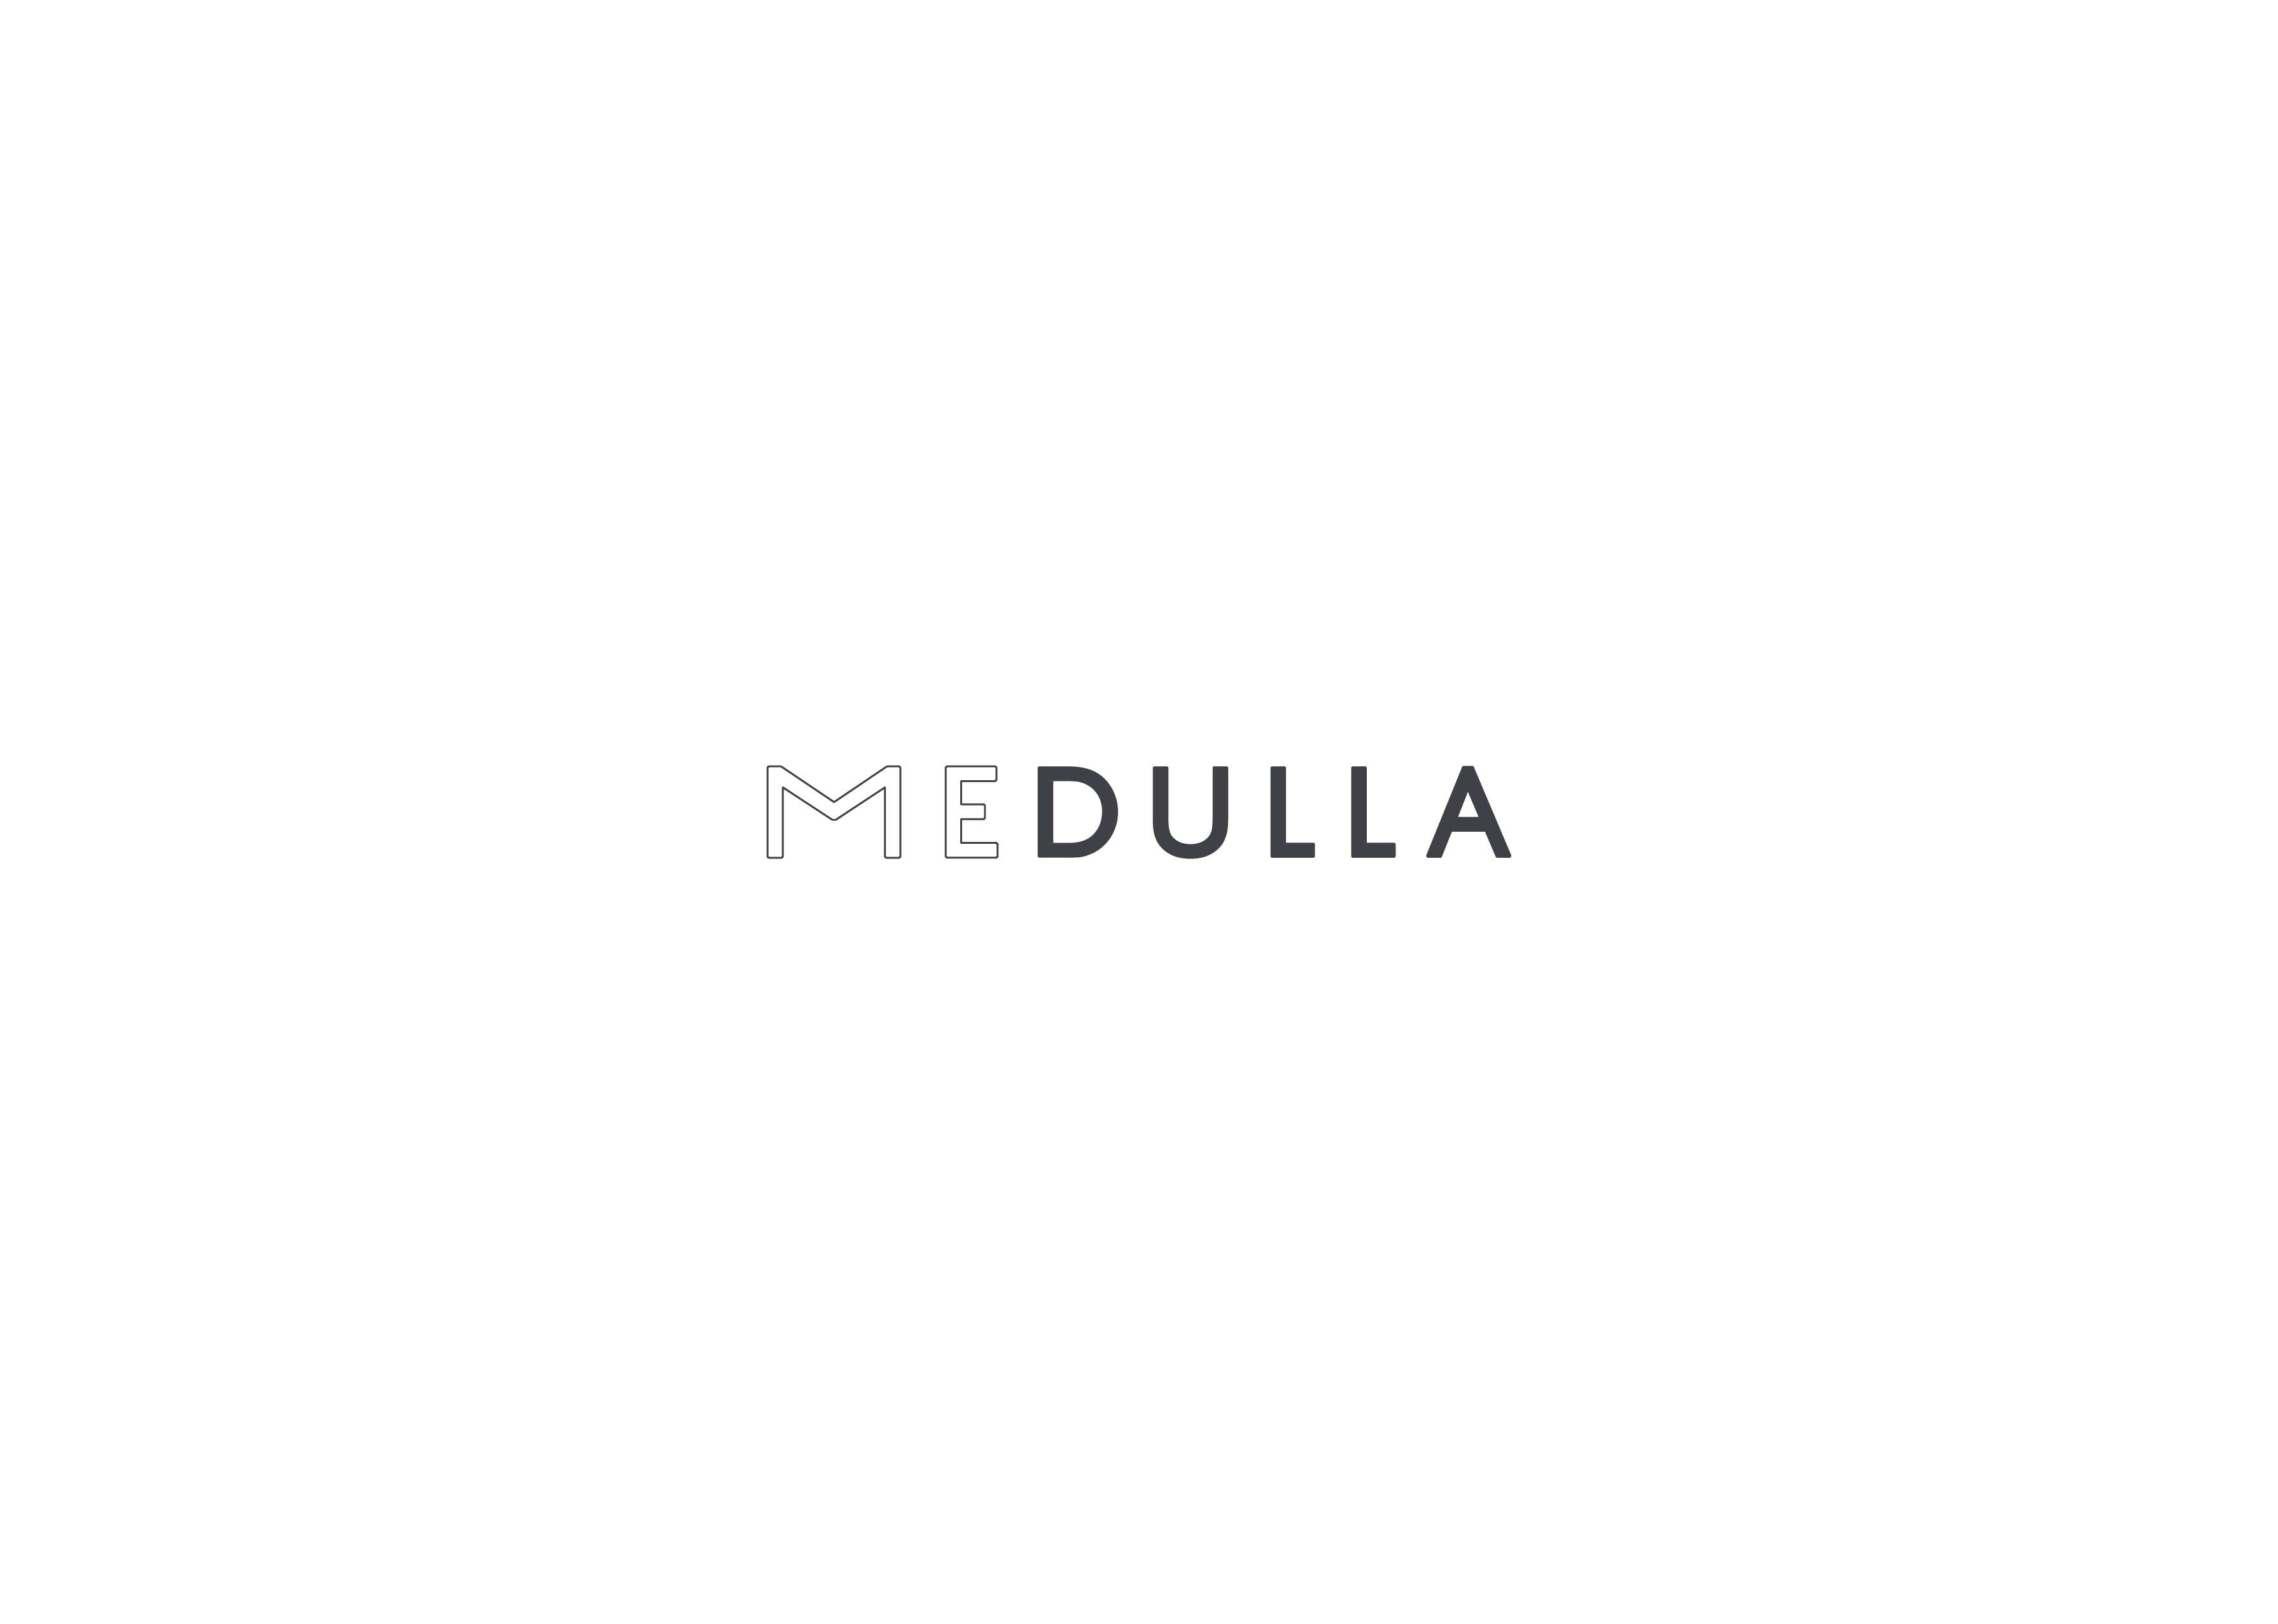 8/11にリニューアル!MEDULLA シャンプーが凄い事になっている!? 累計35万が使用したシャンプーが どう変わる!?